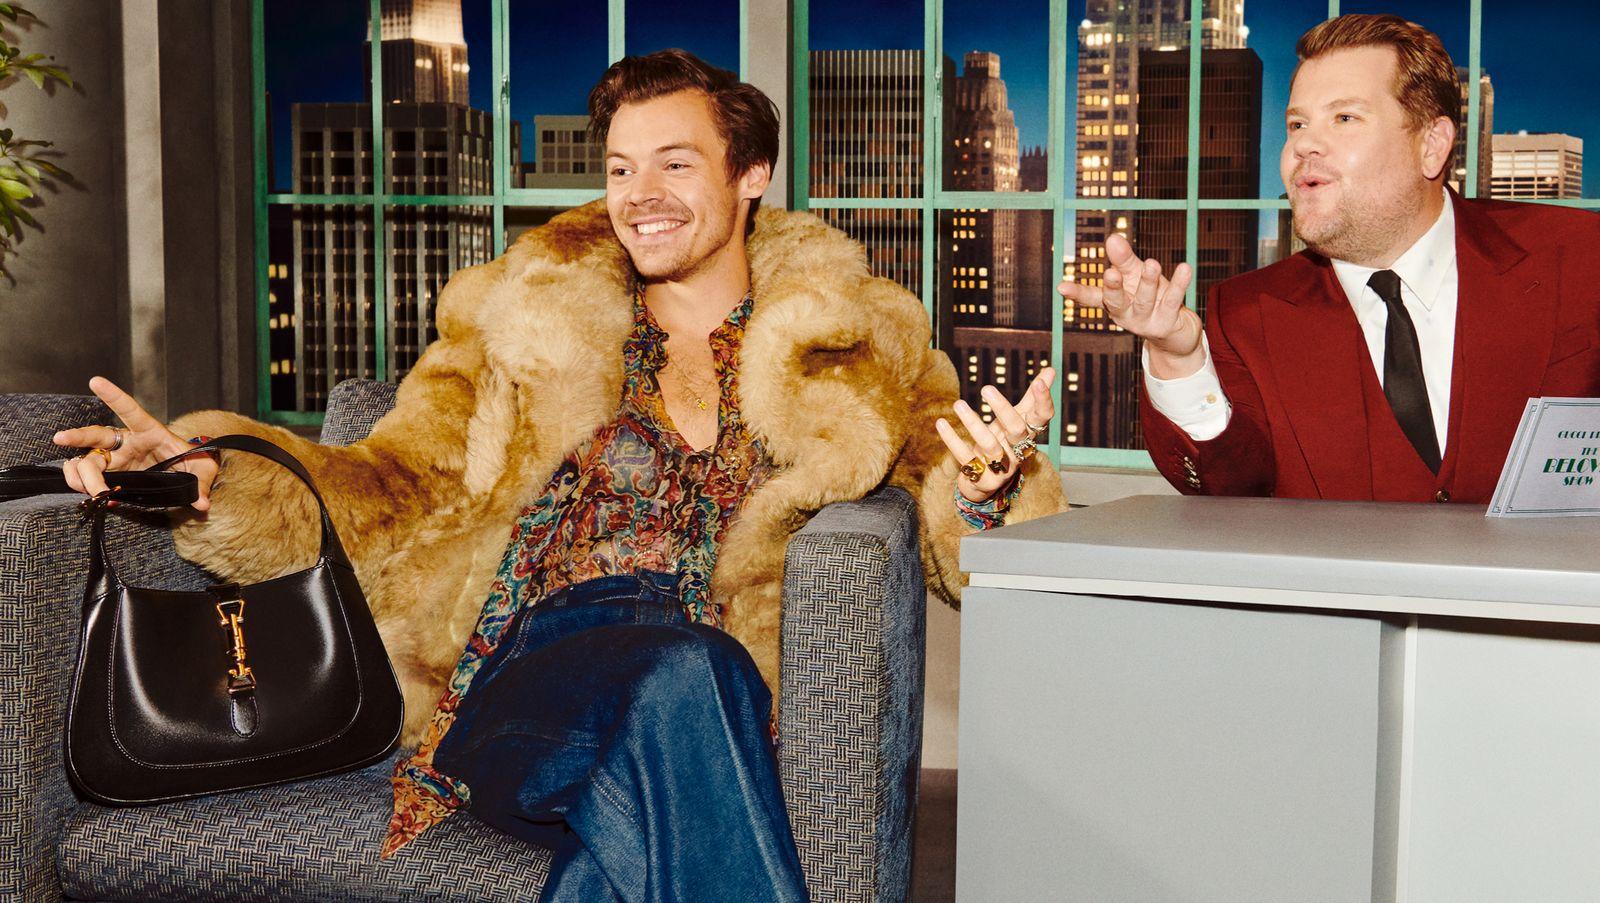 Gucci ra mắt chương trình Talkshow kỷ niệm 100 năm ngày thành lập - hình ảnh 1